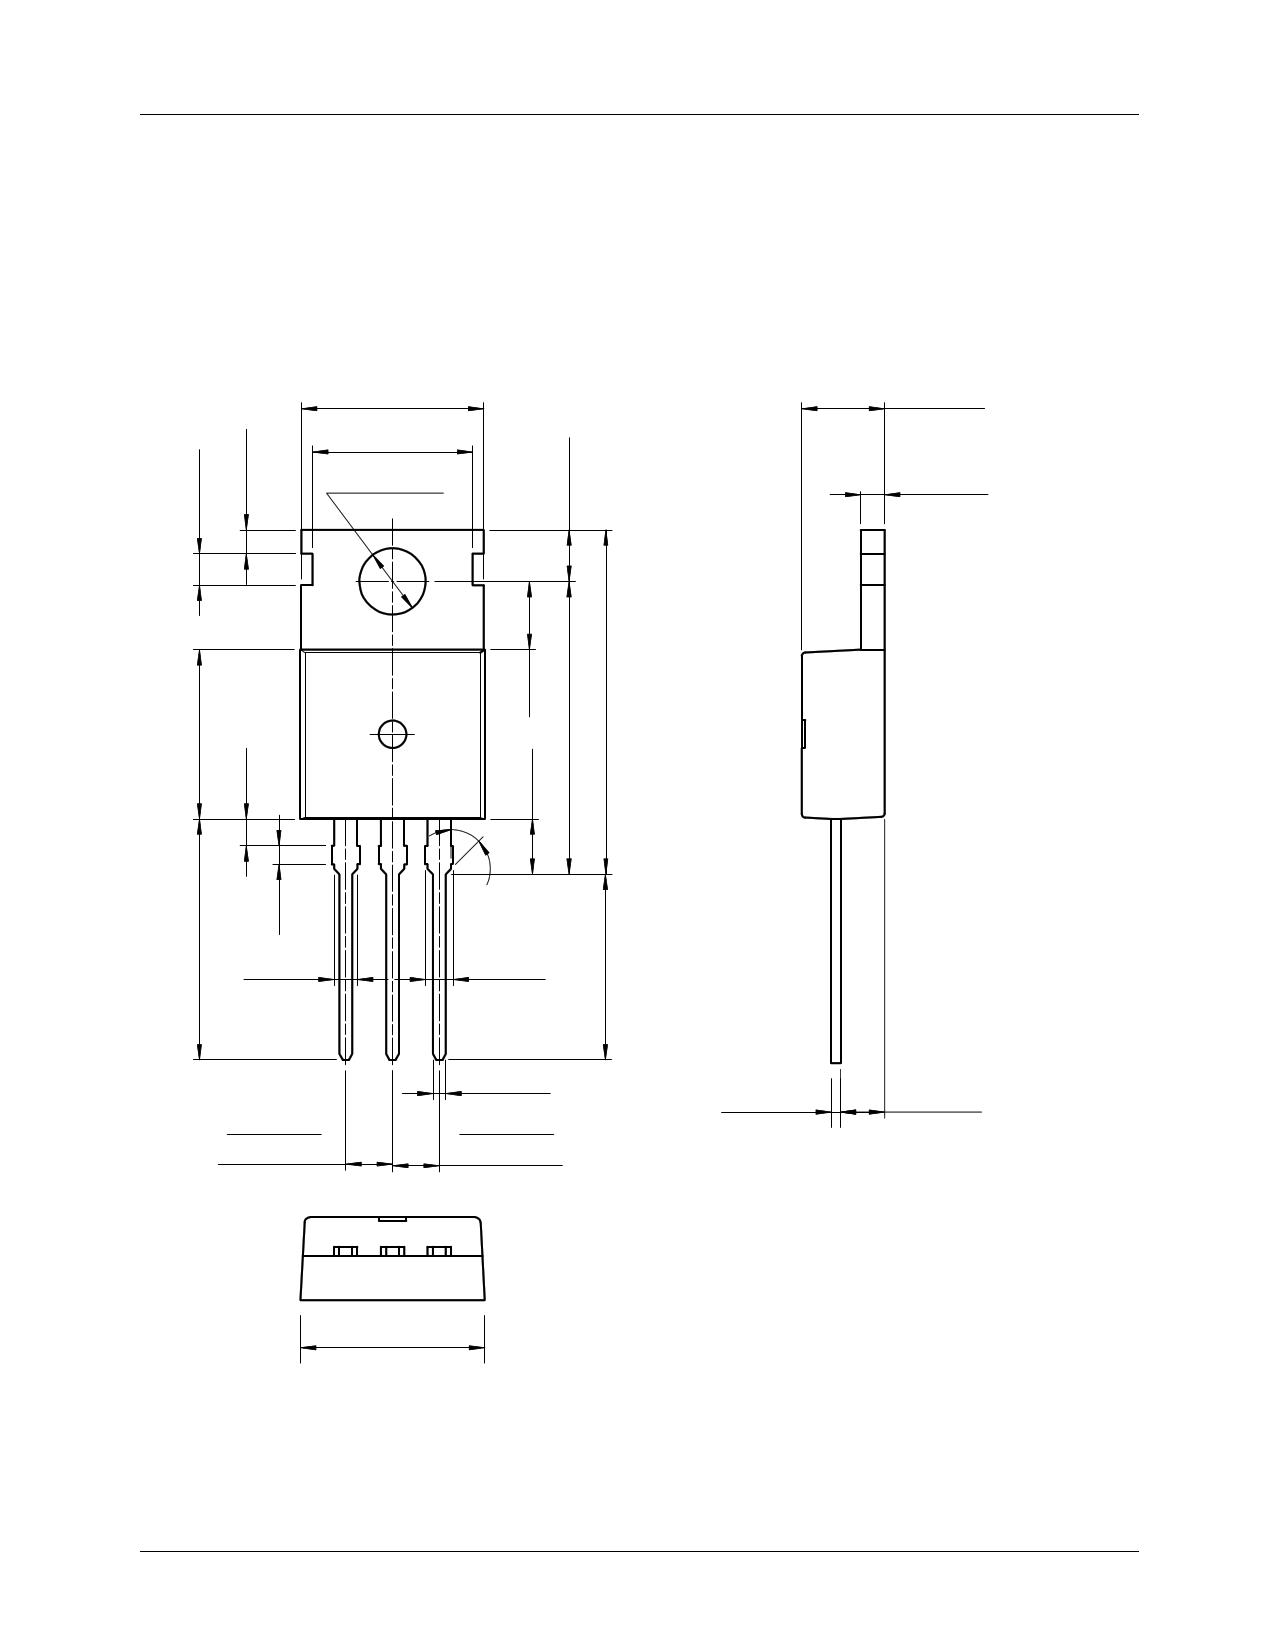 KA78T15 電子部品, 半導体